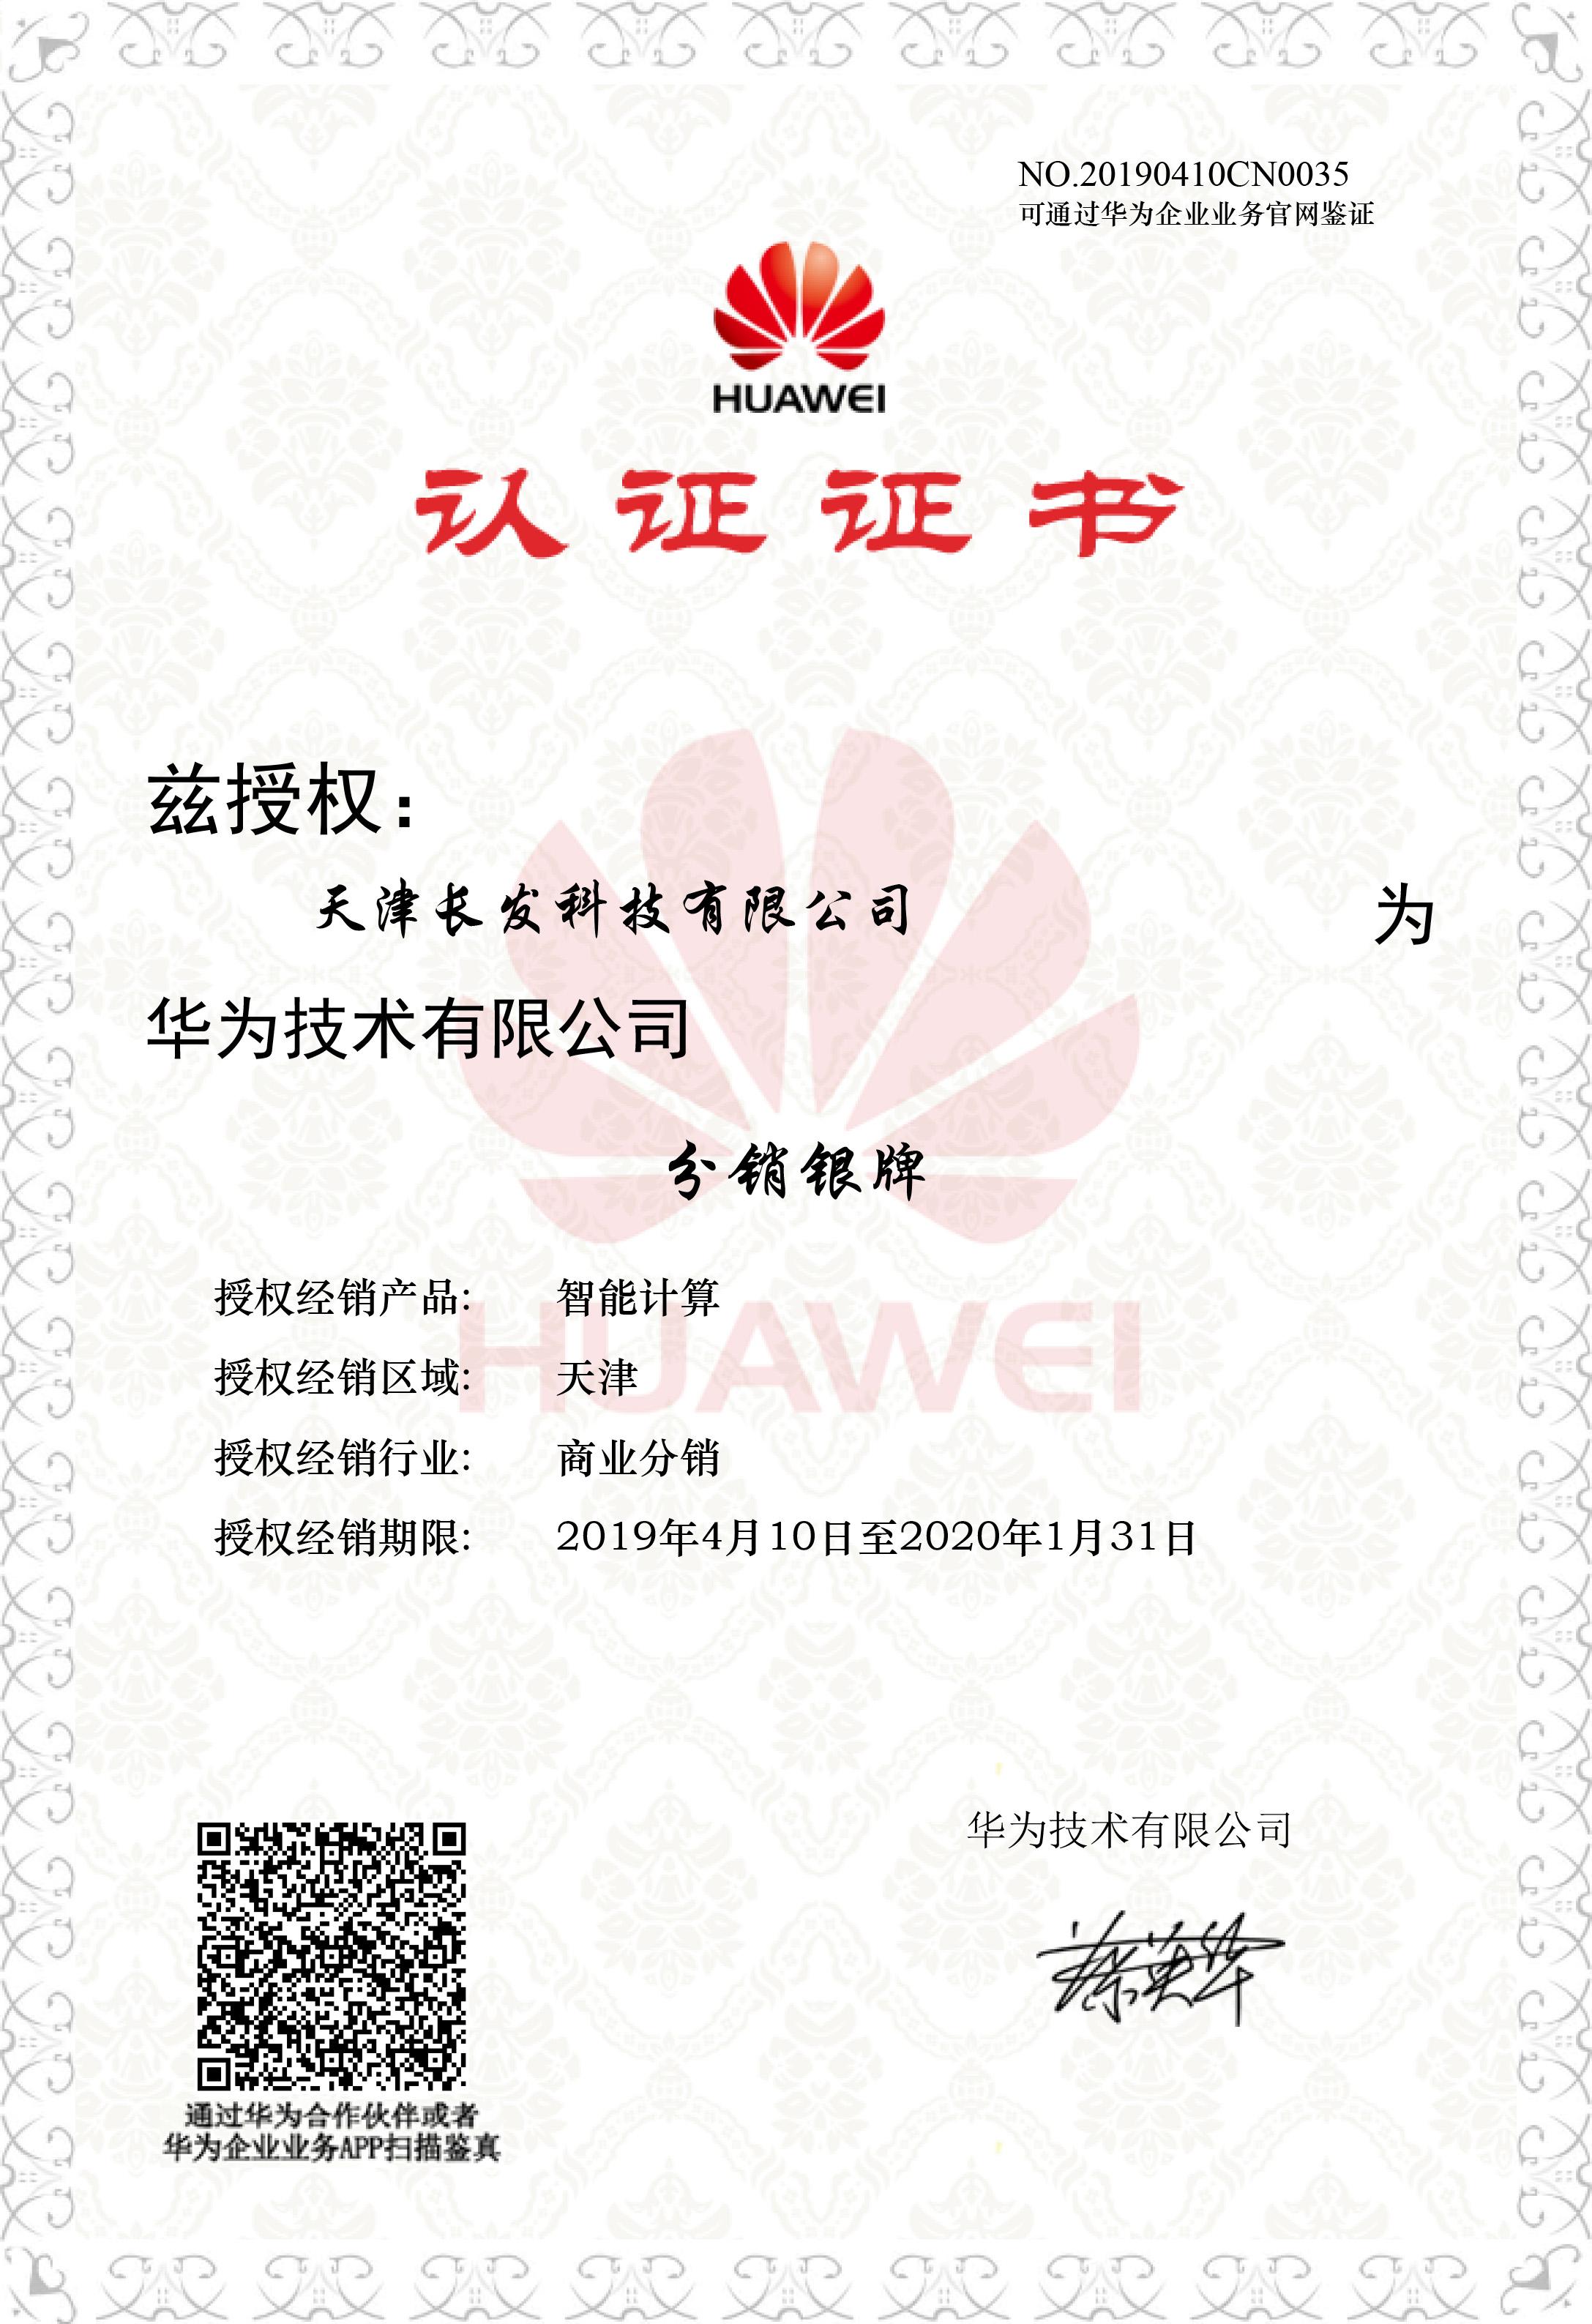 授权williamhill中国注册科技为华为智能计算分销银牌